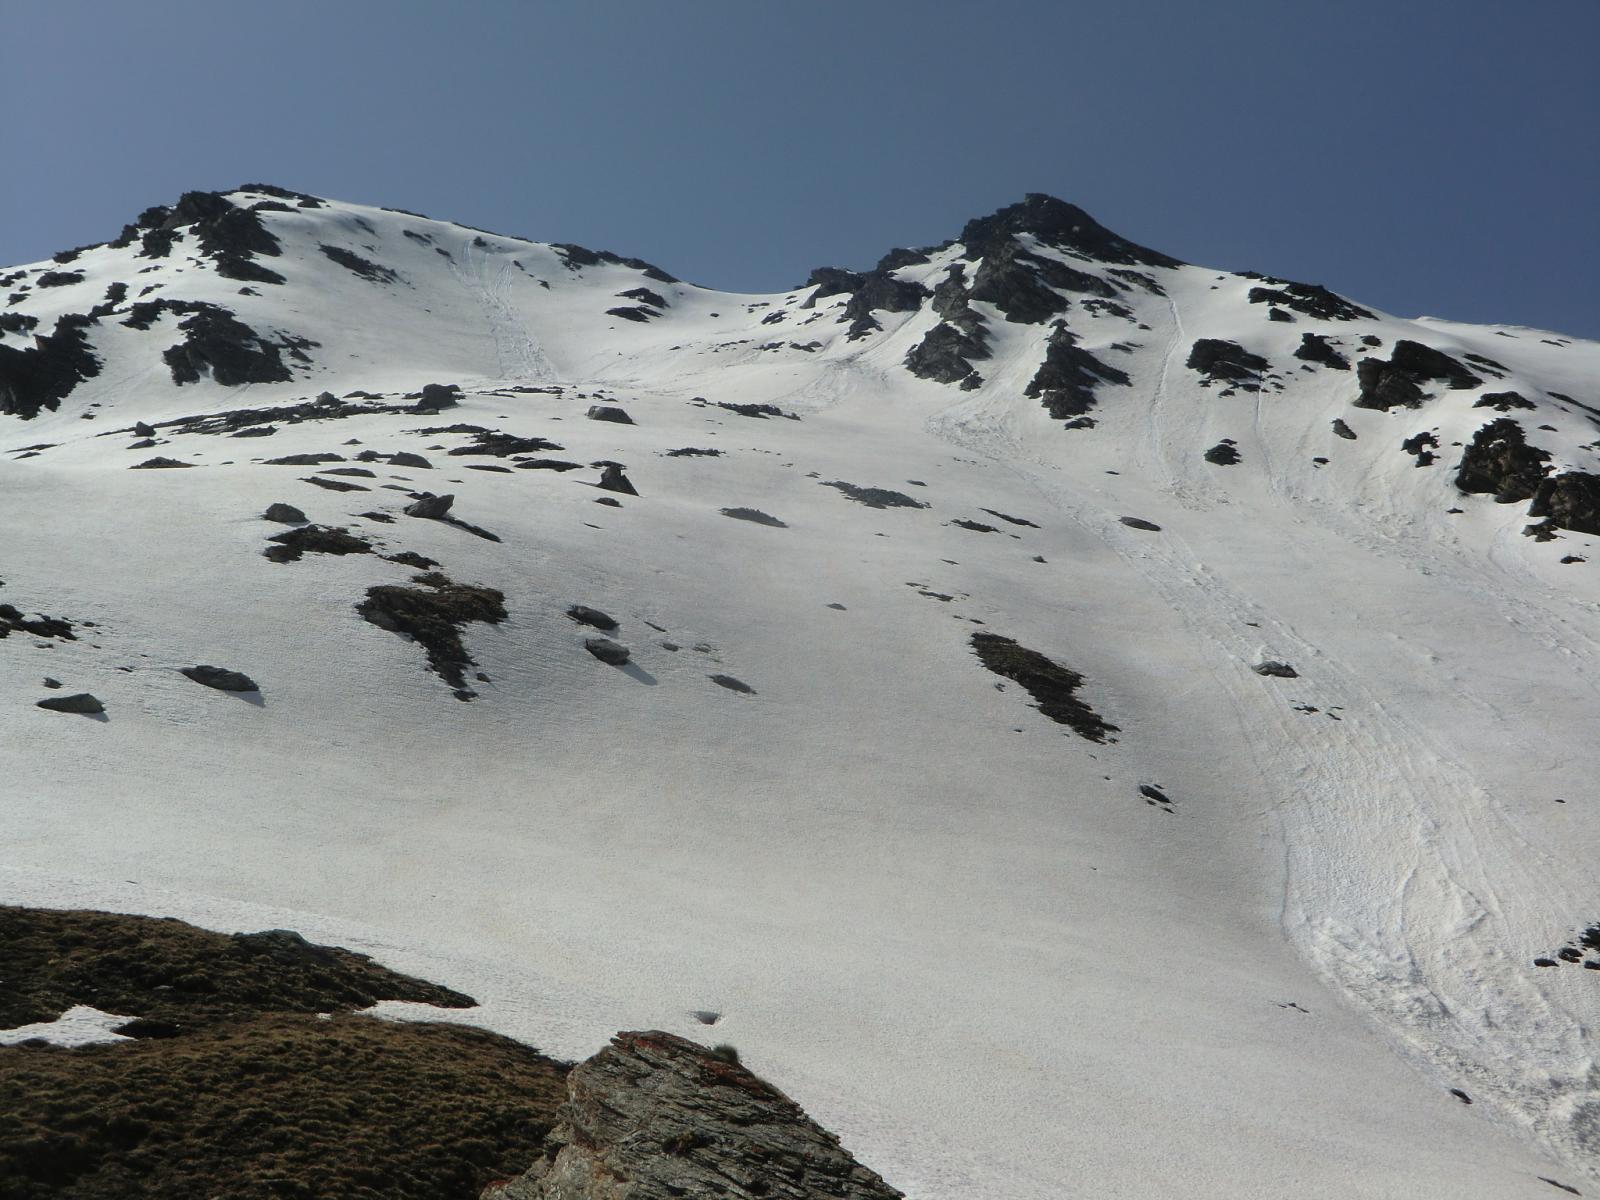 Un altro bel vallone sciistico presso il Pic de Charbonnel